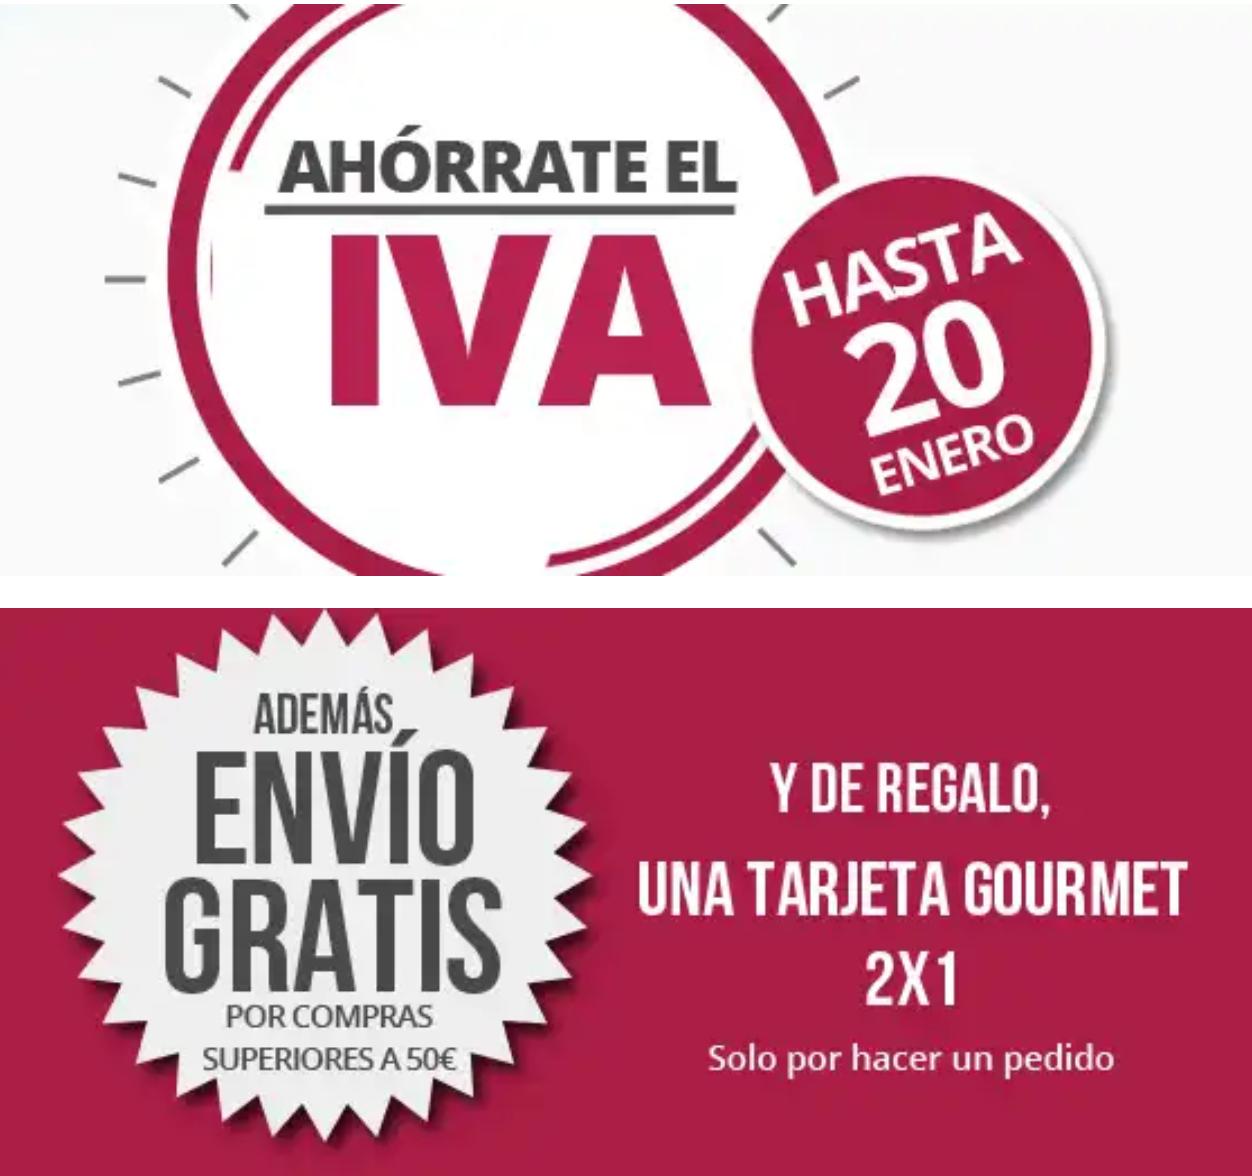 La Tienda en Casa: Día sin Iva + 10€ Dto. + tarjeta Gourmet 2×1